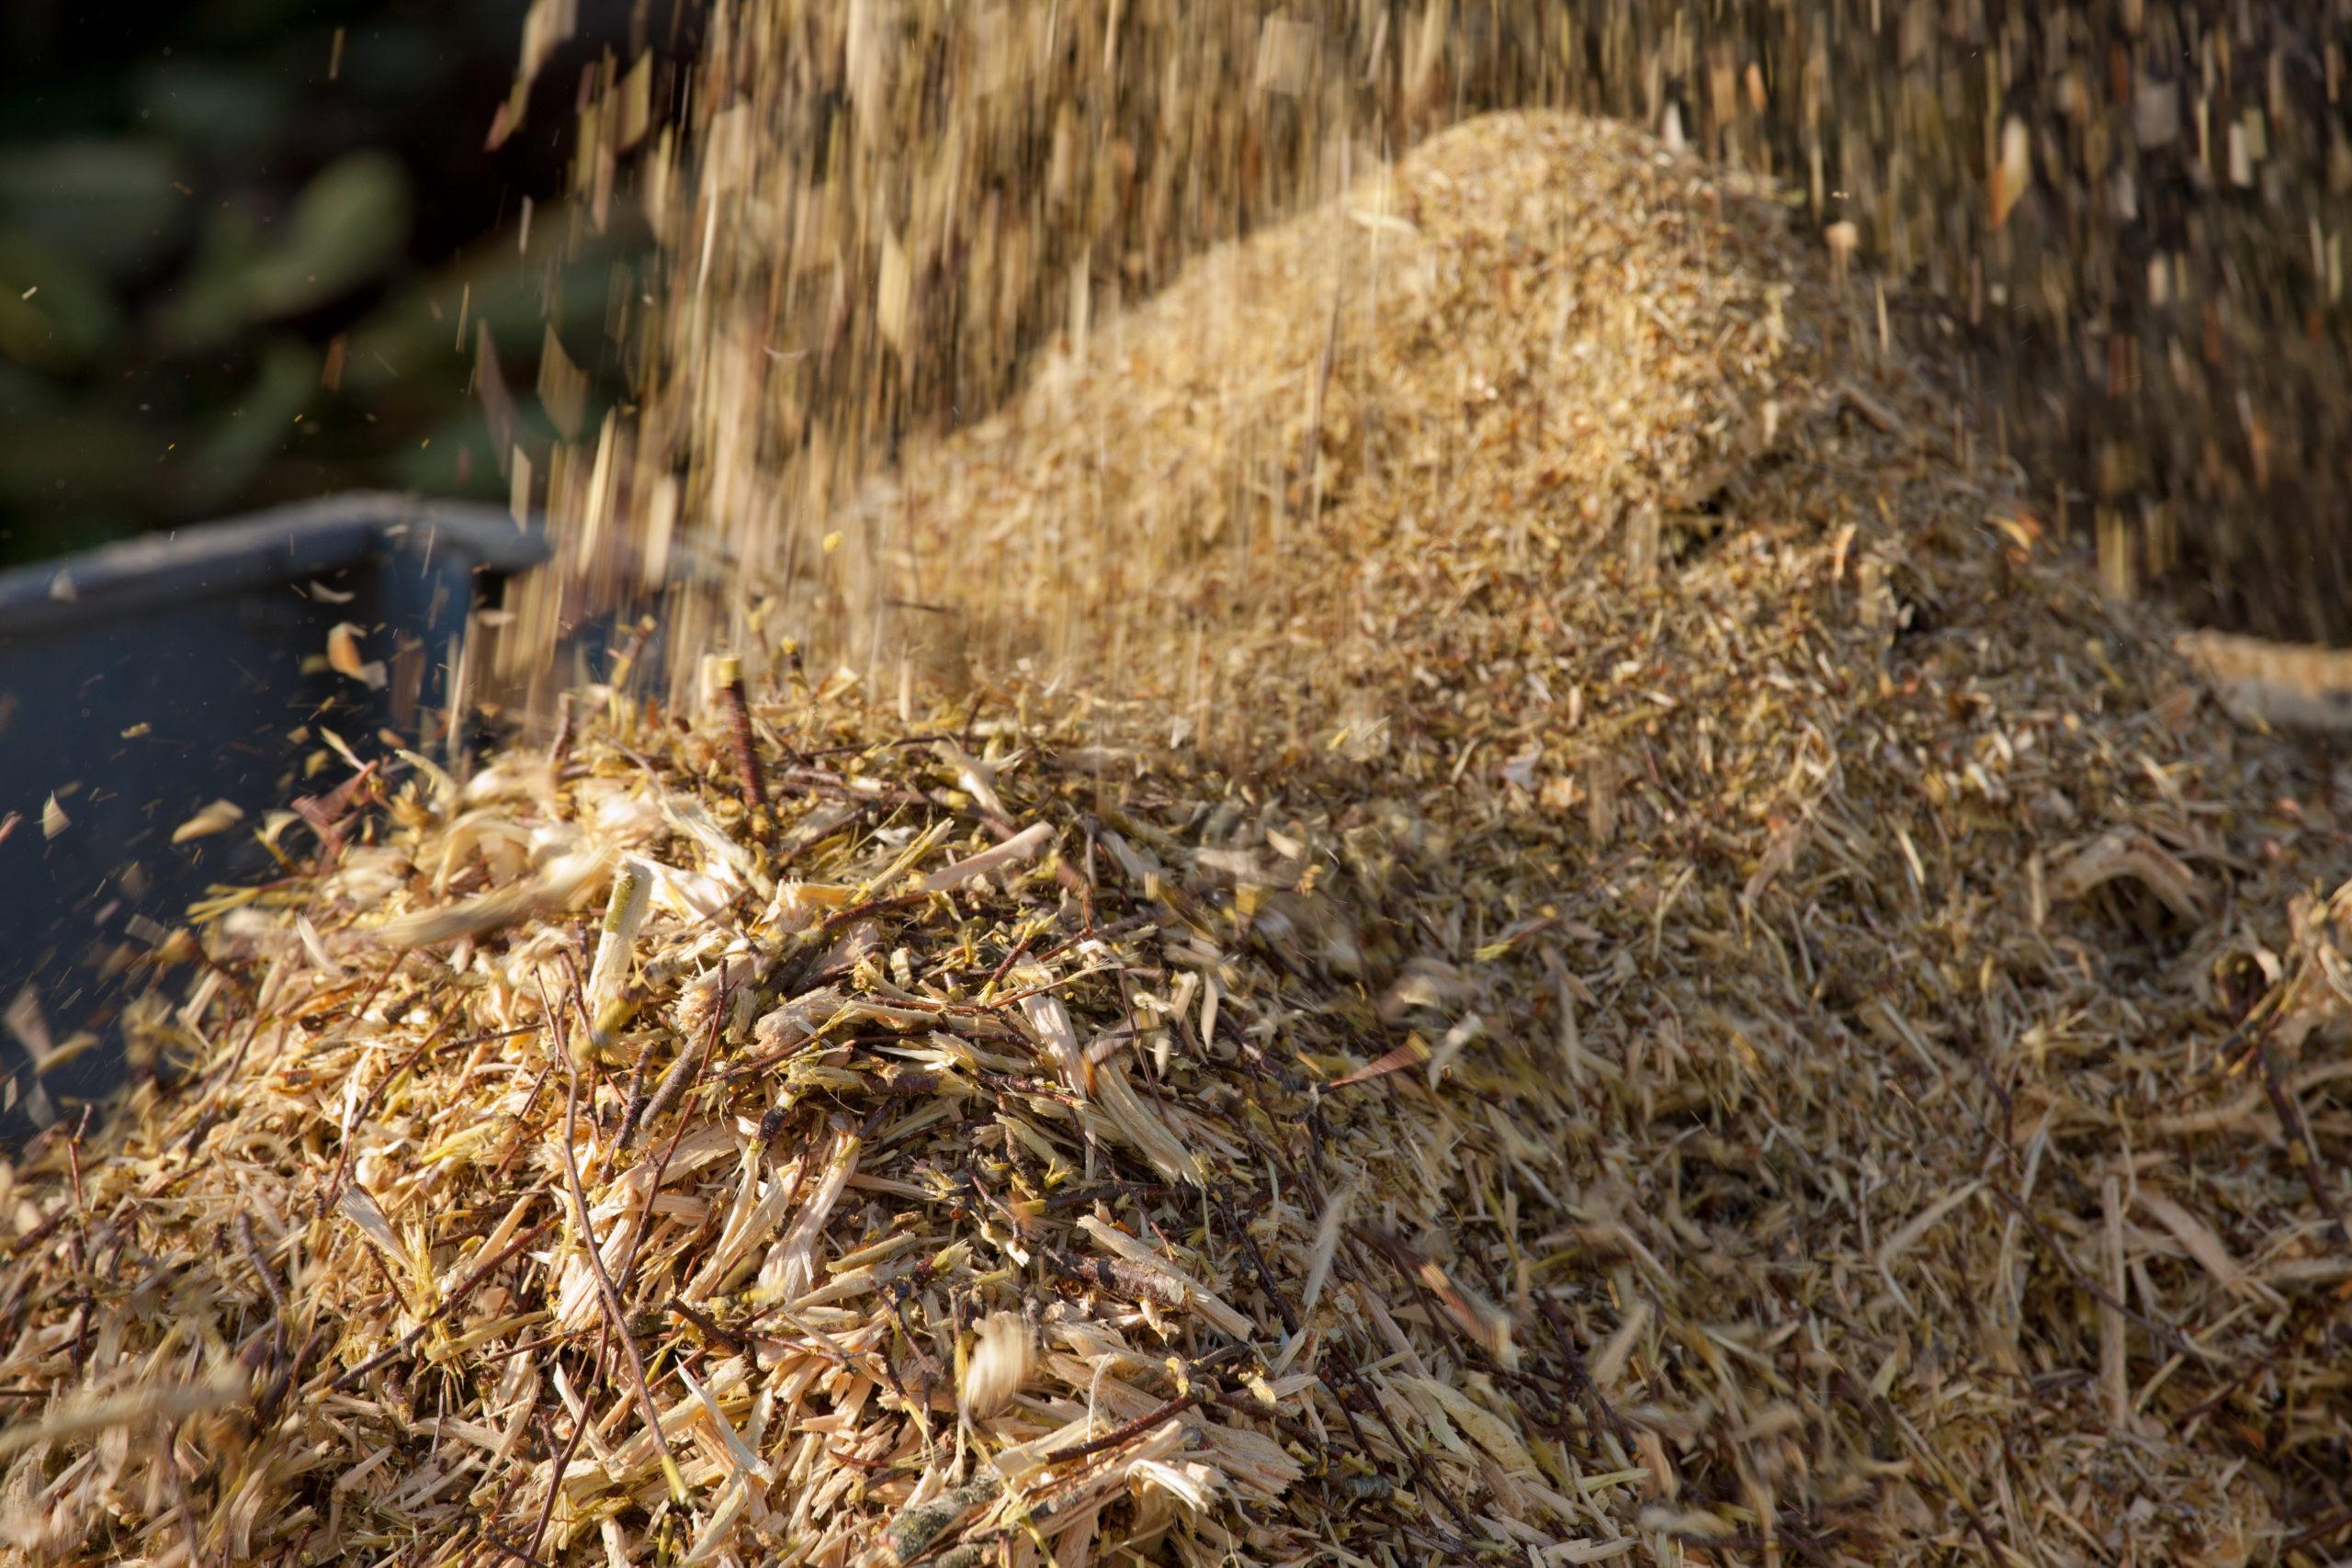 Veolia Biomasa actúa en 450 hectáreas de monte de Cuenca y Alicante para prevenir futuros incendios y recuperar los bosques